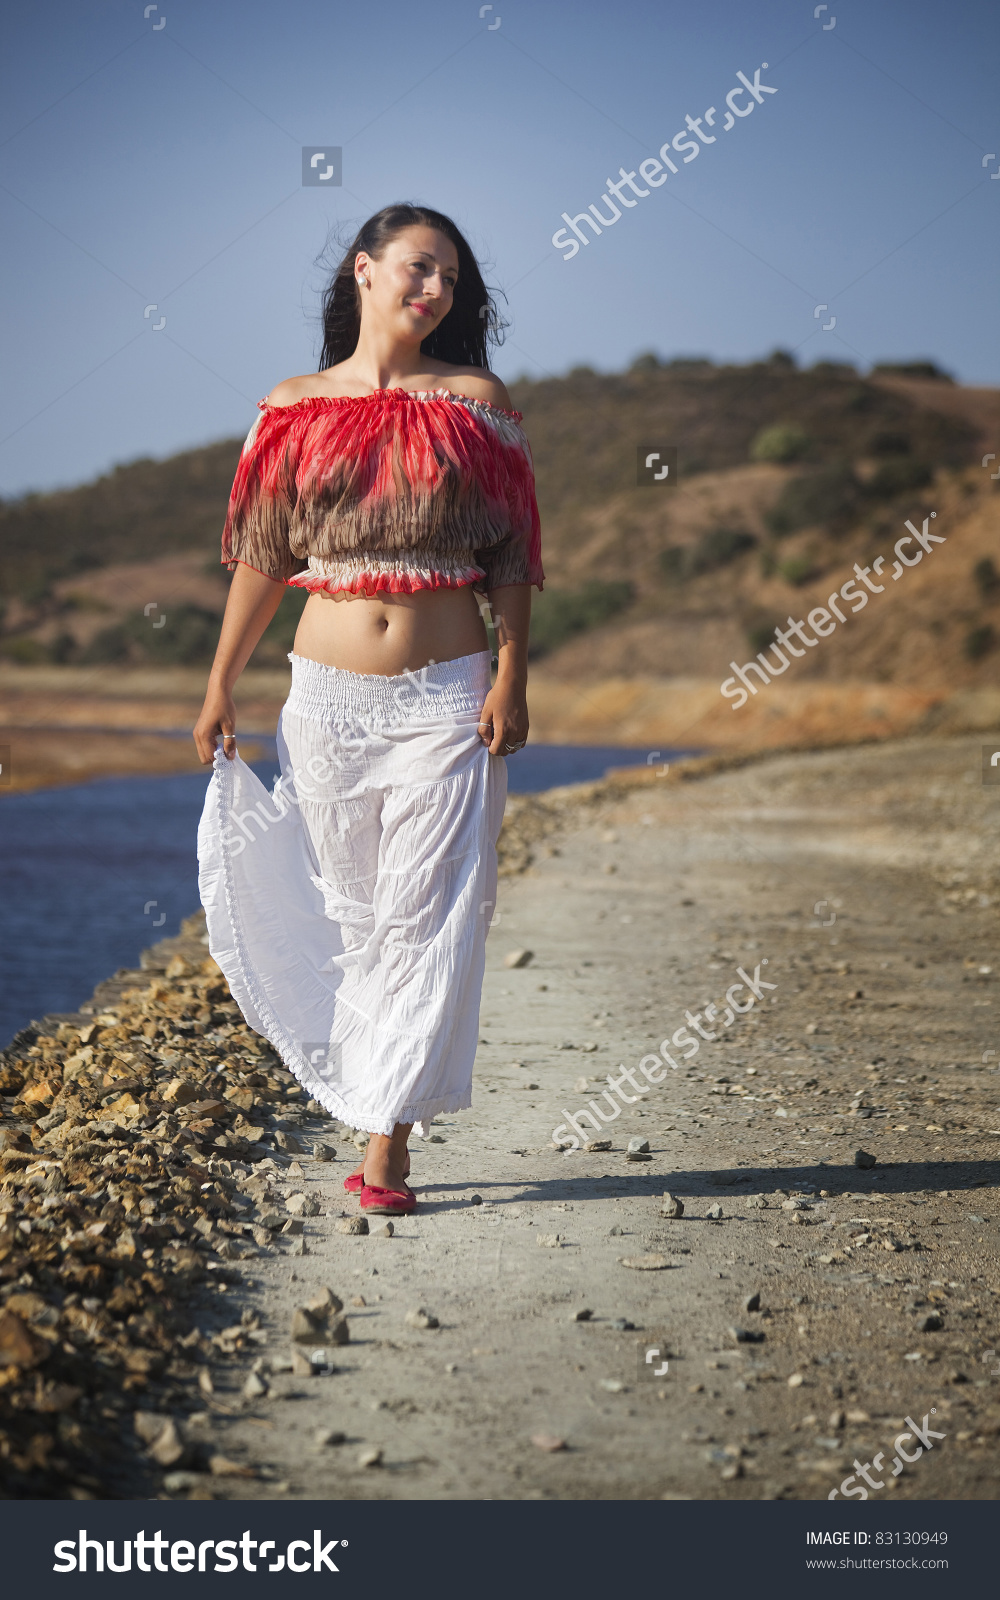 Woman On Nature Walk Rio Tinto Stock Photo 83130949.